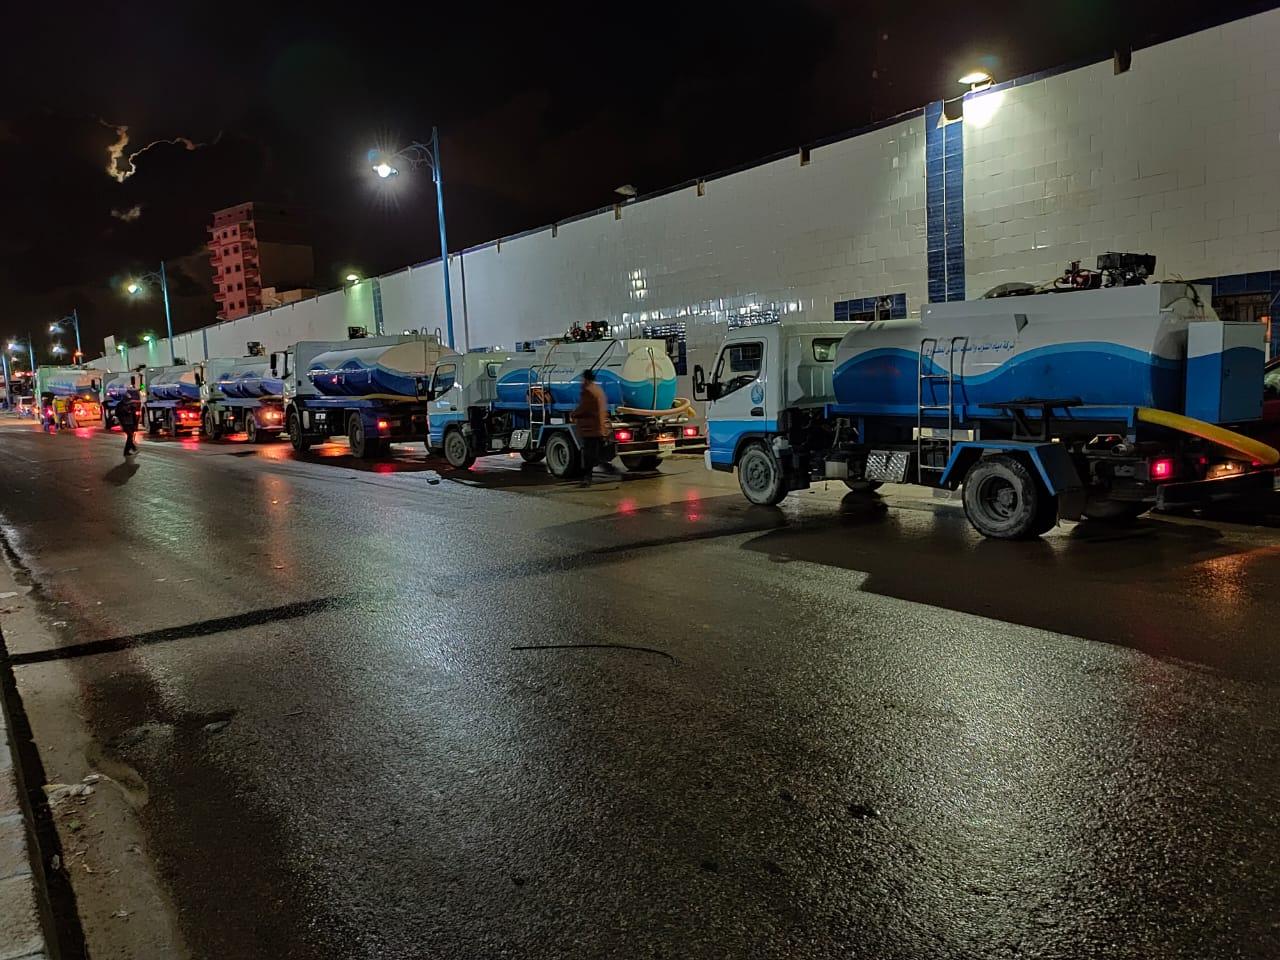 شركة مياه مطروح تواصل حملاتها لتطهير الشوارع (4)